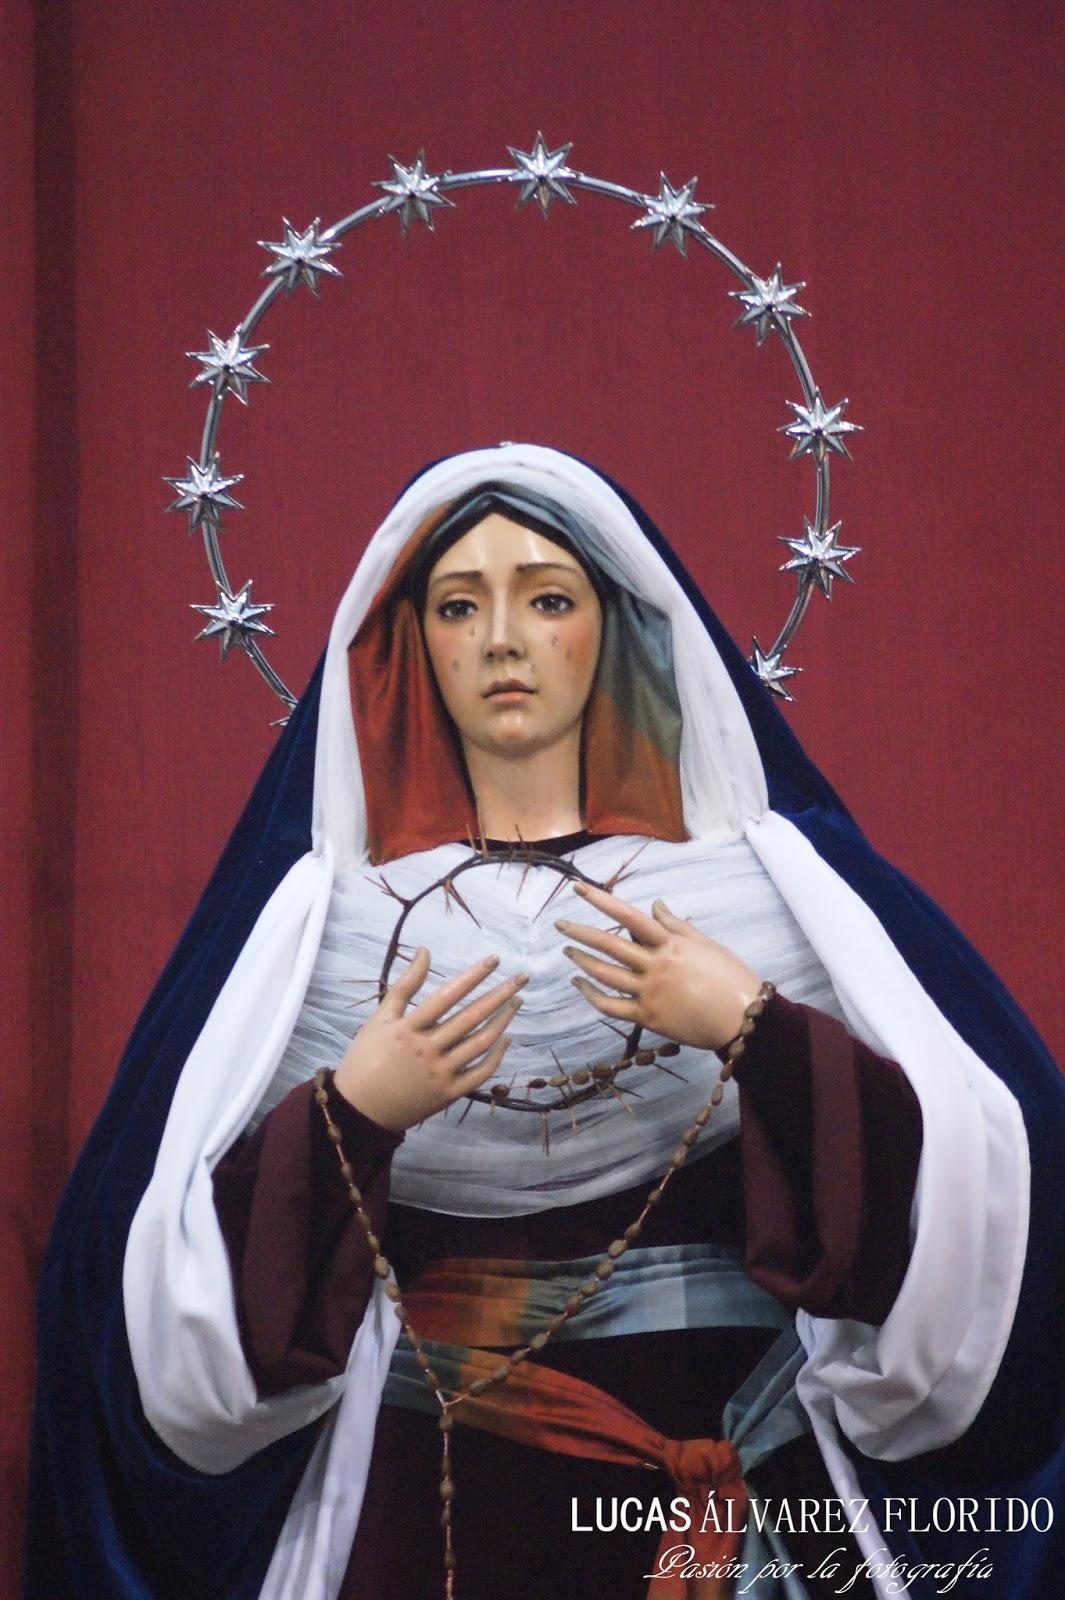 El Ayuntamiento de La Barca concede la medalla de oro a la Virgen de los Dolores